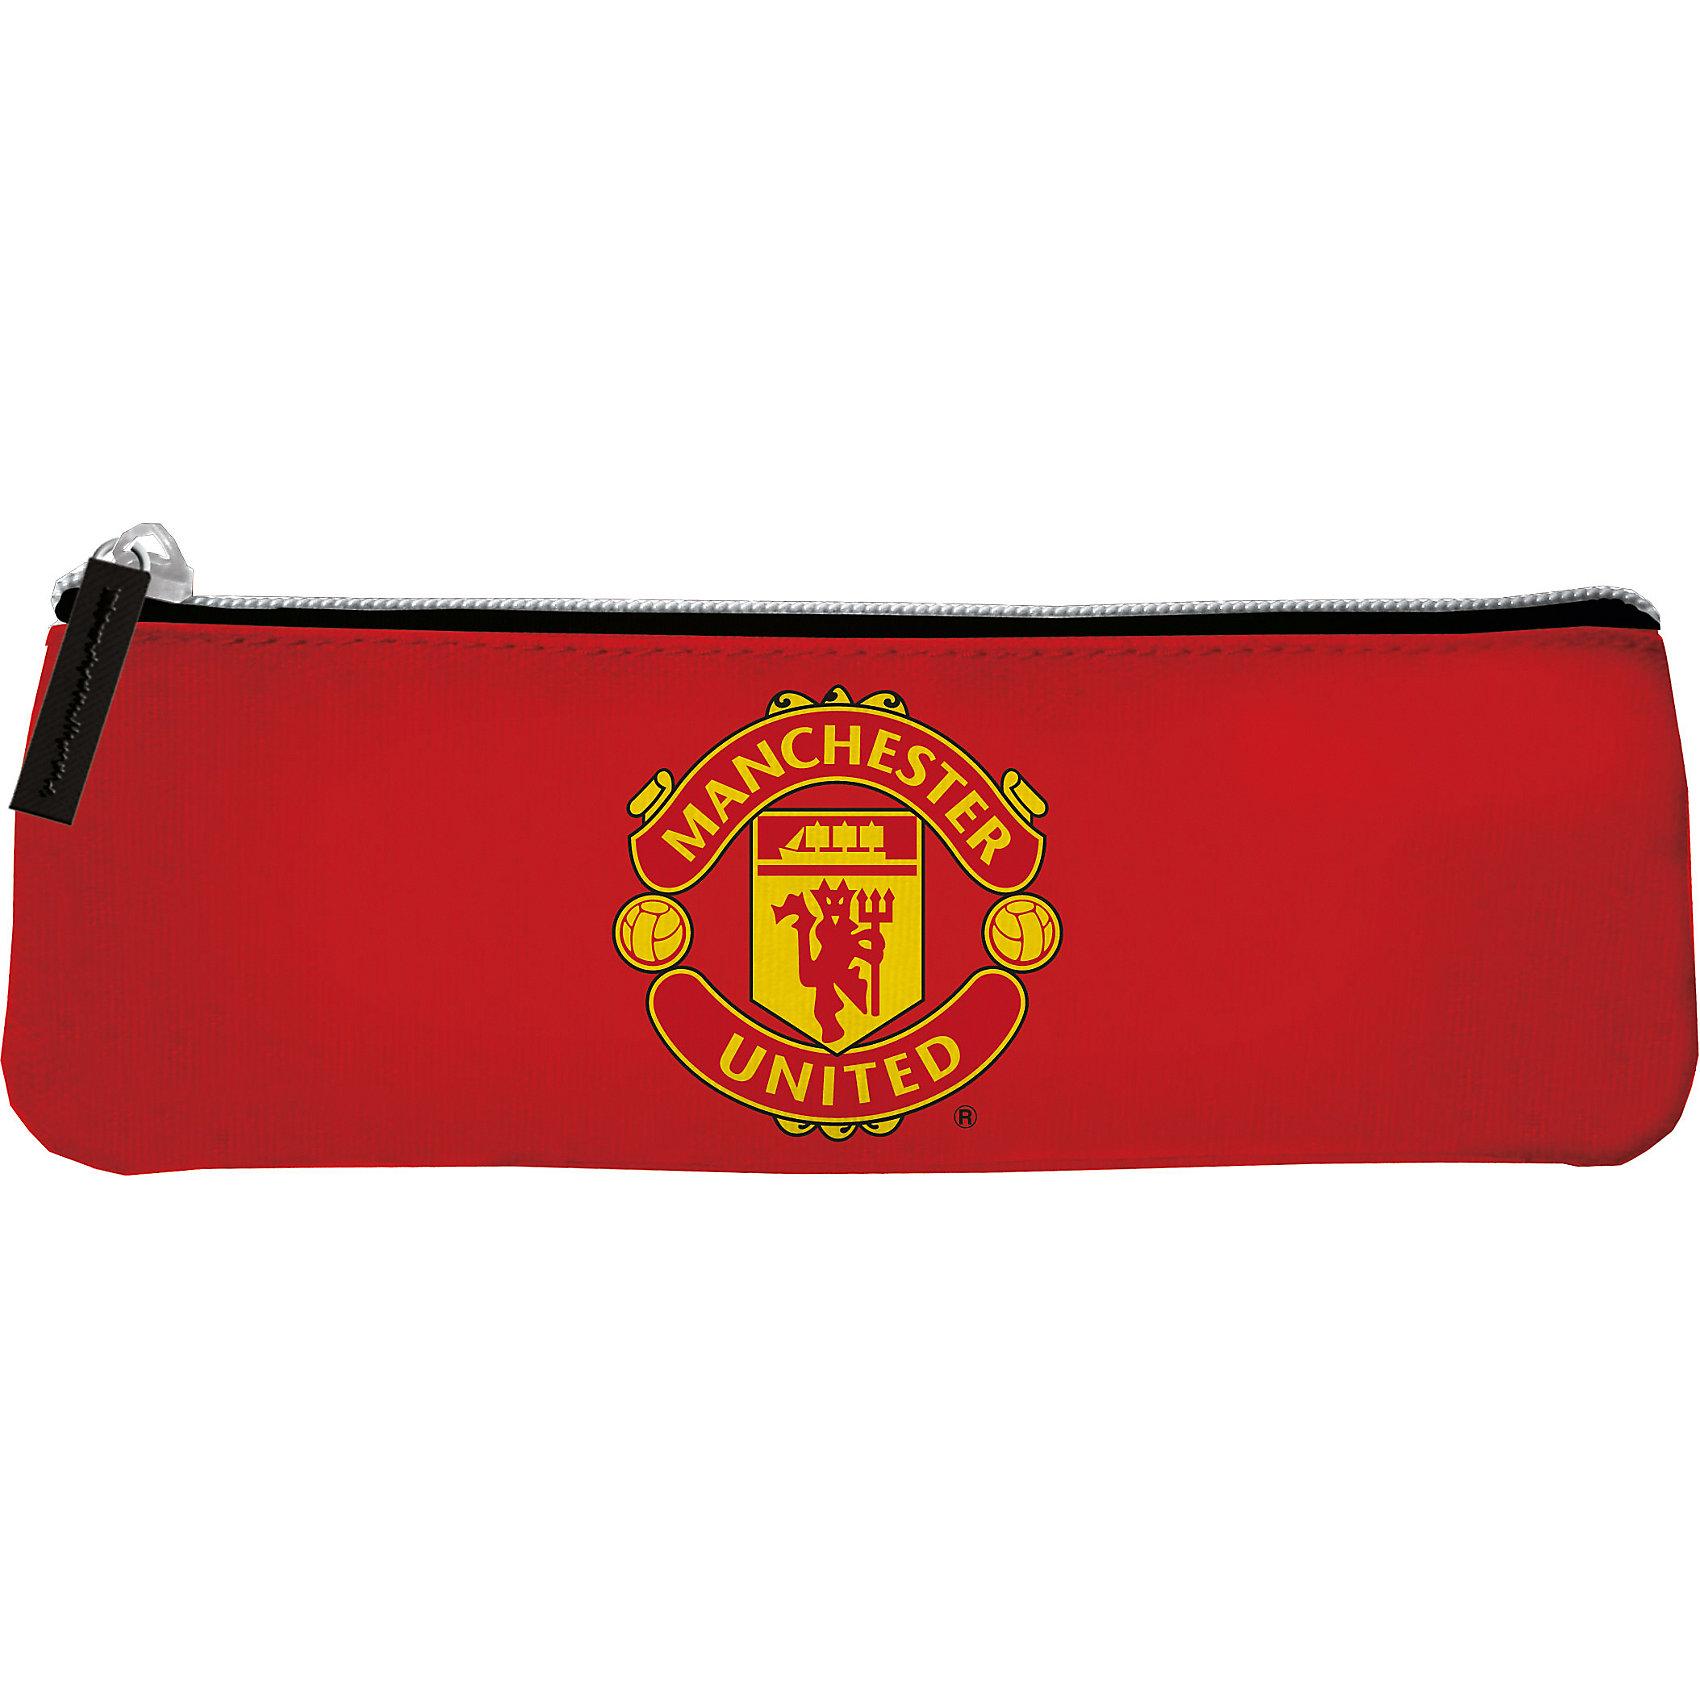 Пенал, Manchester United FCПенал, Manchester United FC, Академия Групп<br><br>Характеристики:<br><br>• прочный и водонепроницаемый<br>• удобная застежка-молния<br>• декорирован символикой ФК Манчестер Юнайтед<br>• размер: 6х3х21 см<br>• вес: 28 грамм<br><br>Пенал от компании Kinderline отлично подойдет для школьных или других развивающихся занятий. Он изготовлен из водонепроницаемых материалов, отличающихся высокой износостойкостью. Пенал застегивается на молнию и имеет специальную вставку для поддерживания во время расстегивания. Яркий дизайн с логотипом футбольного клуба Манчестер Юнайтед понравится каждому любителю футбола!<br><br>Пенал, Manchester United FC, Академия Групп вы можете купить в нашем интернет-магазине.<br><br>Ширина мм: 210<br>Глубина мм: 3<br>Высота мм: 60<br>Вес г: 28<br>Возраст от месяцев: 156<br>Возраст до месяцев: 180<br>Пол: Мужской<br>Возраст: Детский<br>SKU: 5218452